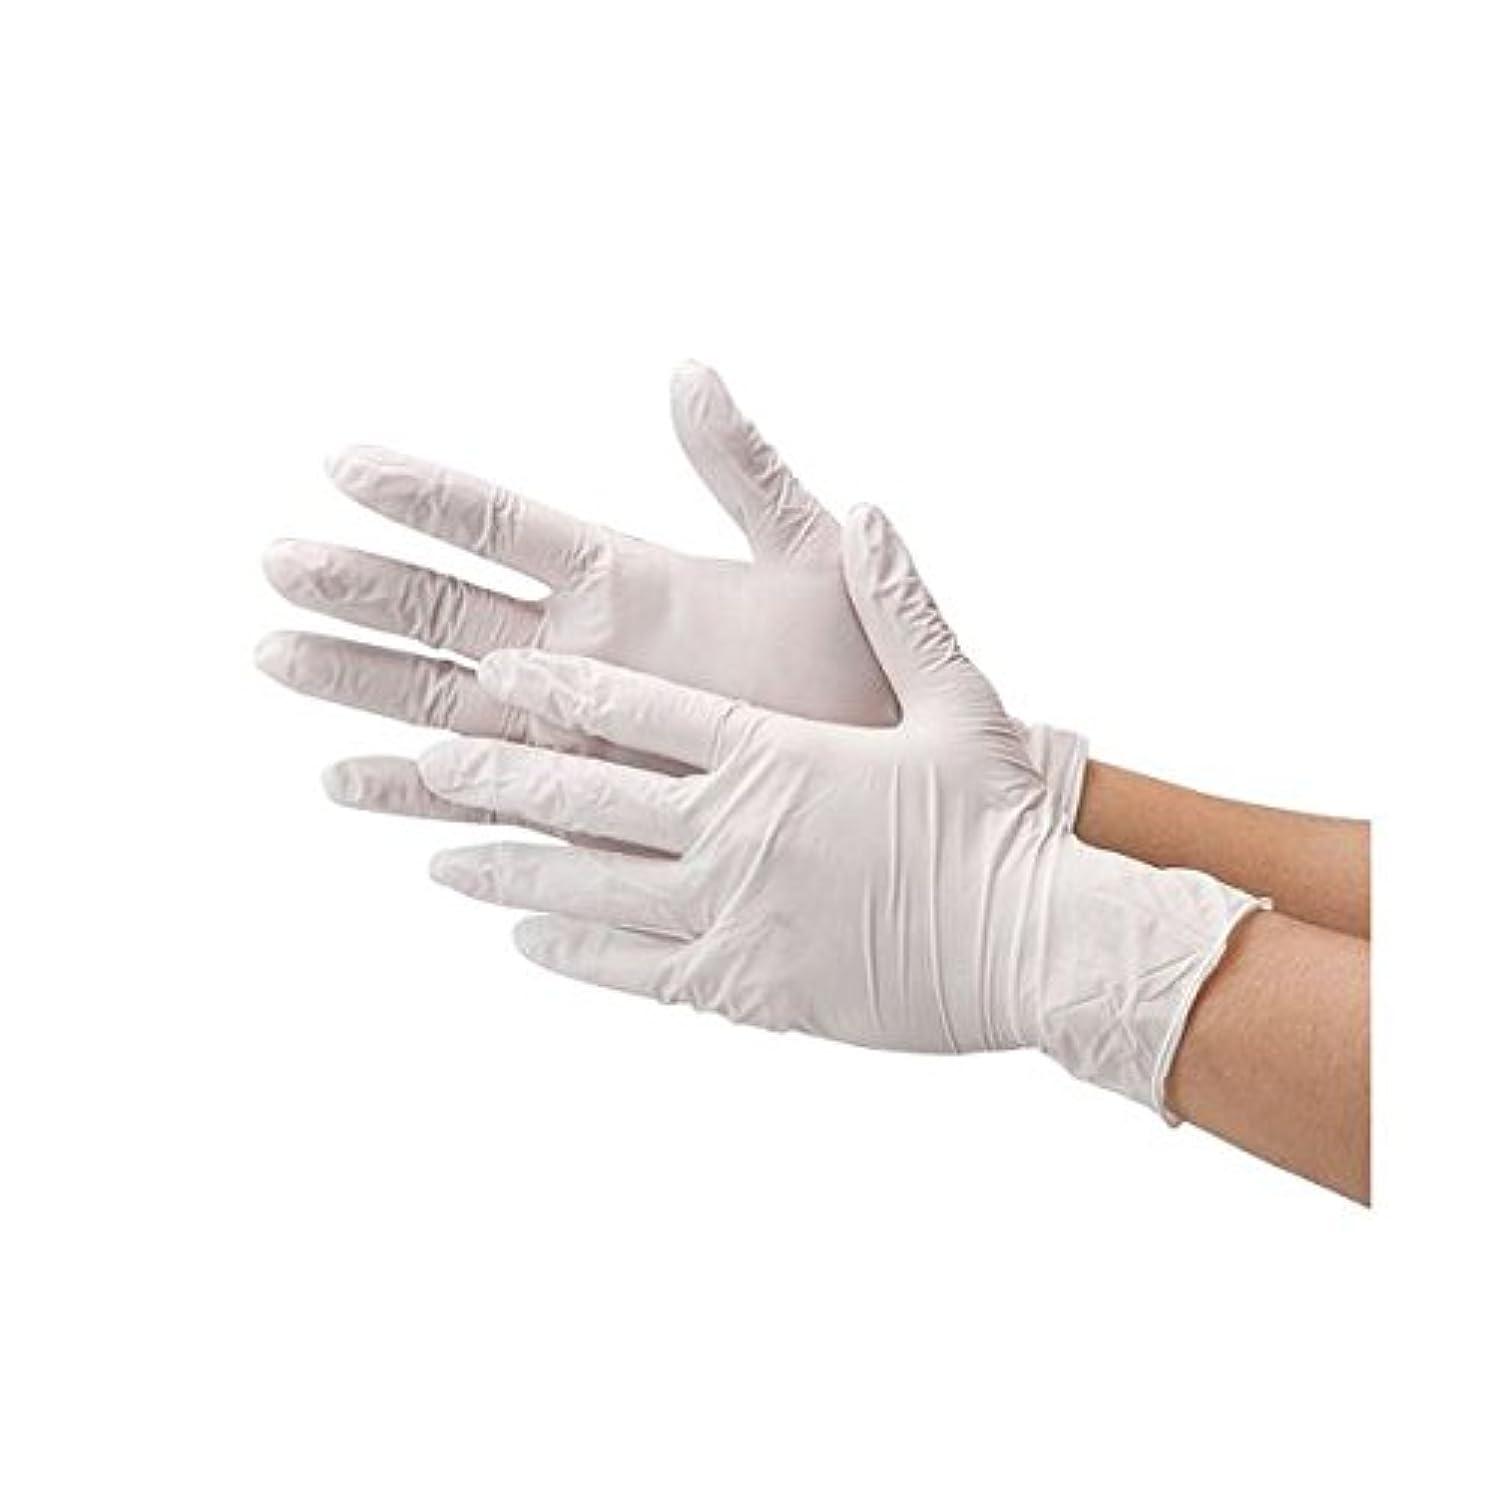 (業務用20セット) 川西工業 ニトリル極薄手袋 粉なし WM #2039 Mサイズ ホワイト ダイエット 健康 衛生用品 その他の衛生用品 14067381 [並行輸入品]